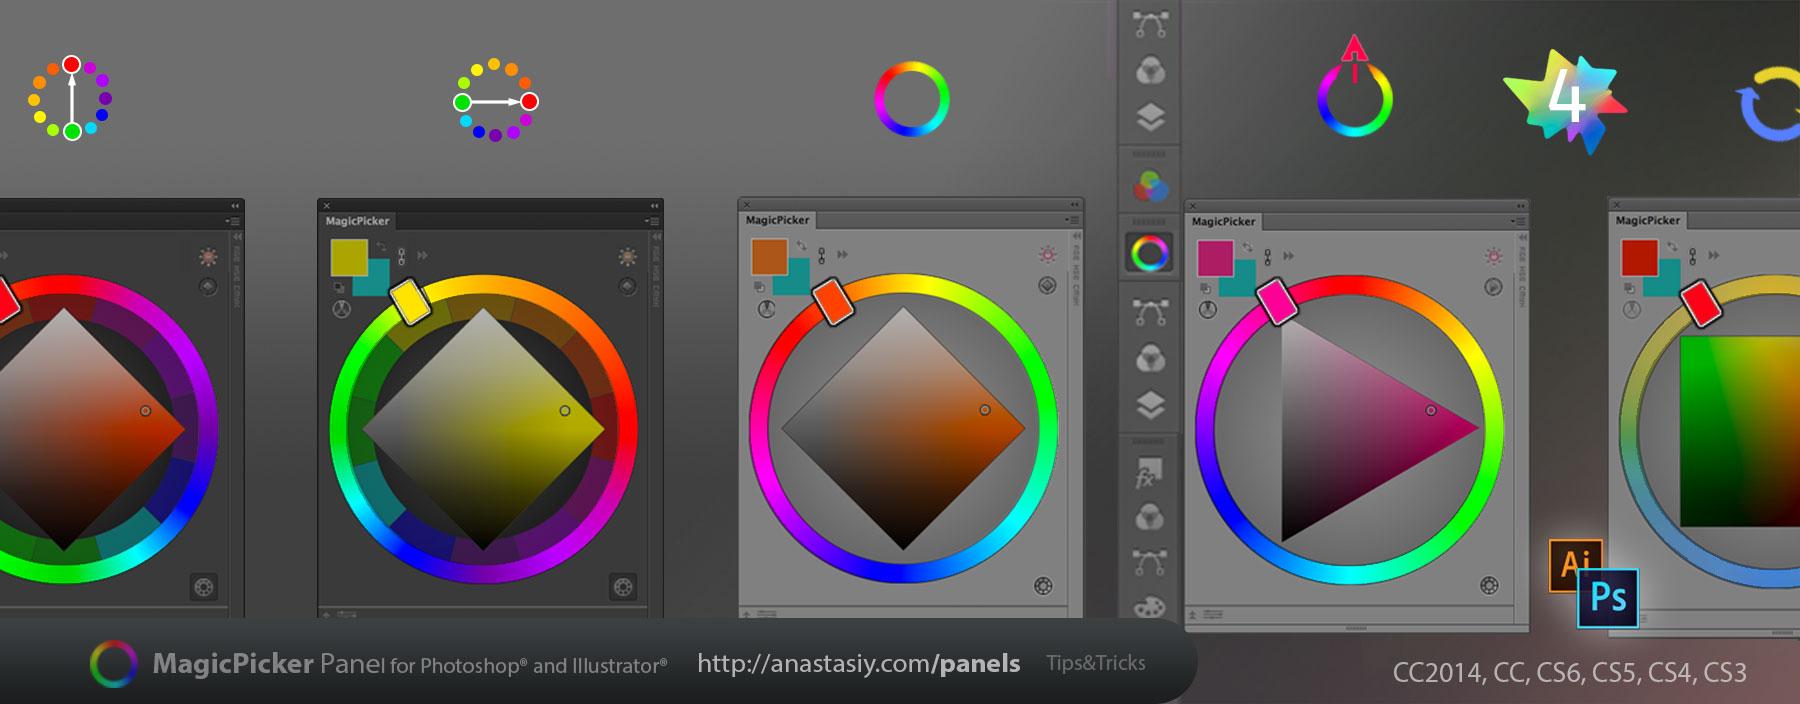 Rotate MagicPicker color wheel